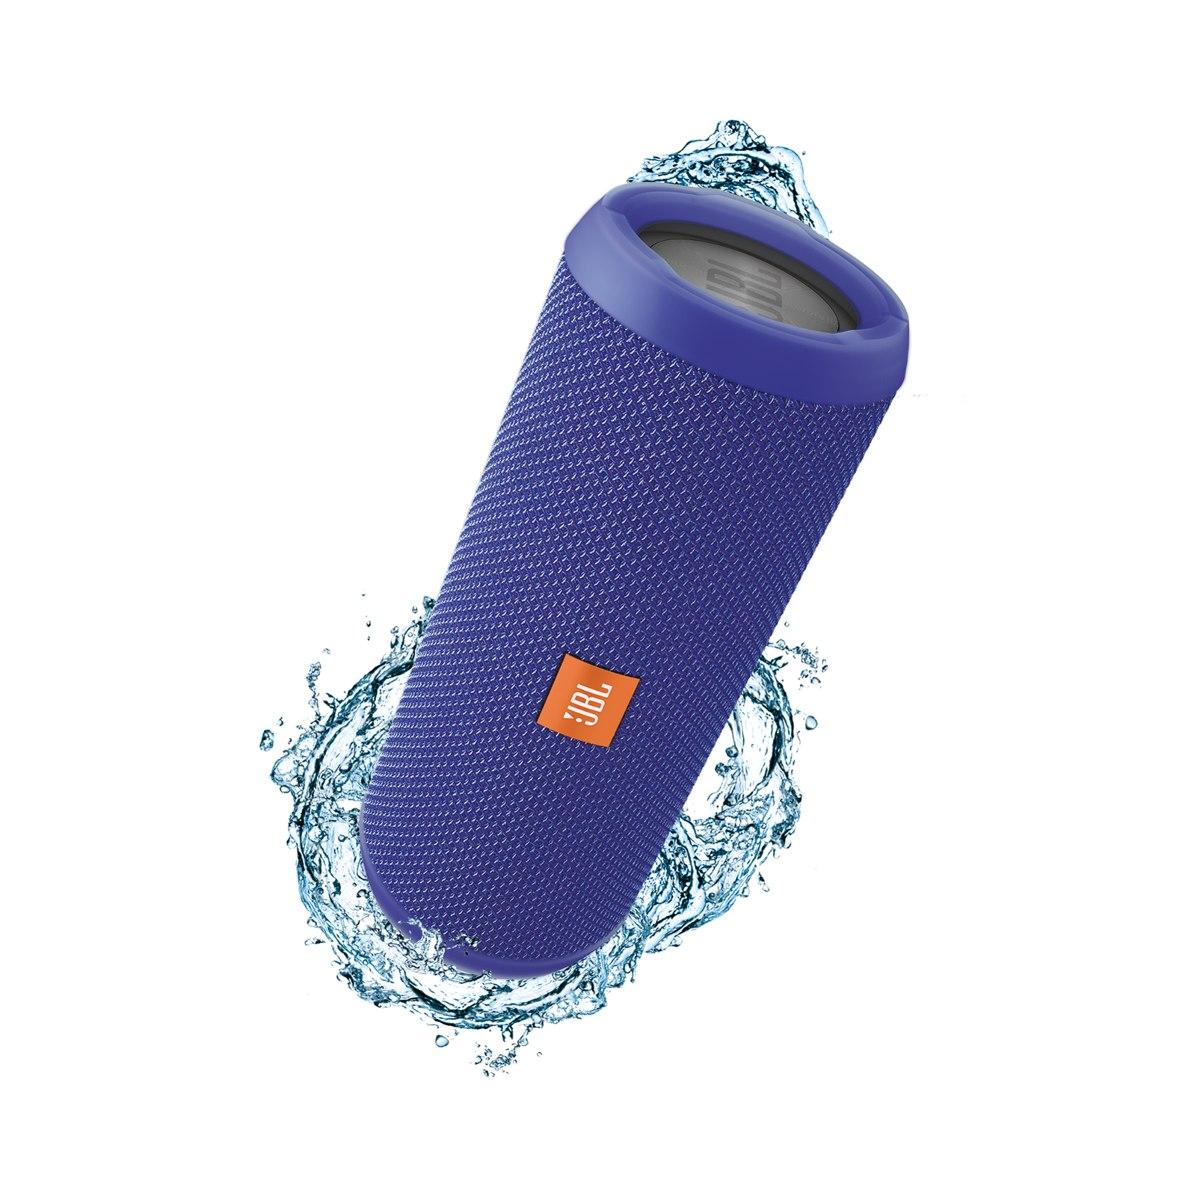 Altavoz Jbl Flip 3 Bluetooth Azul Compra En L 237 Nea